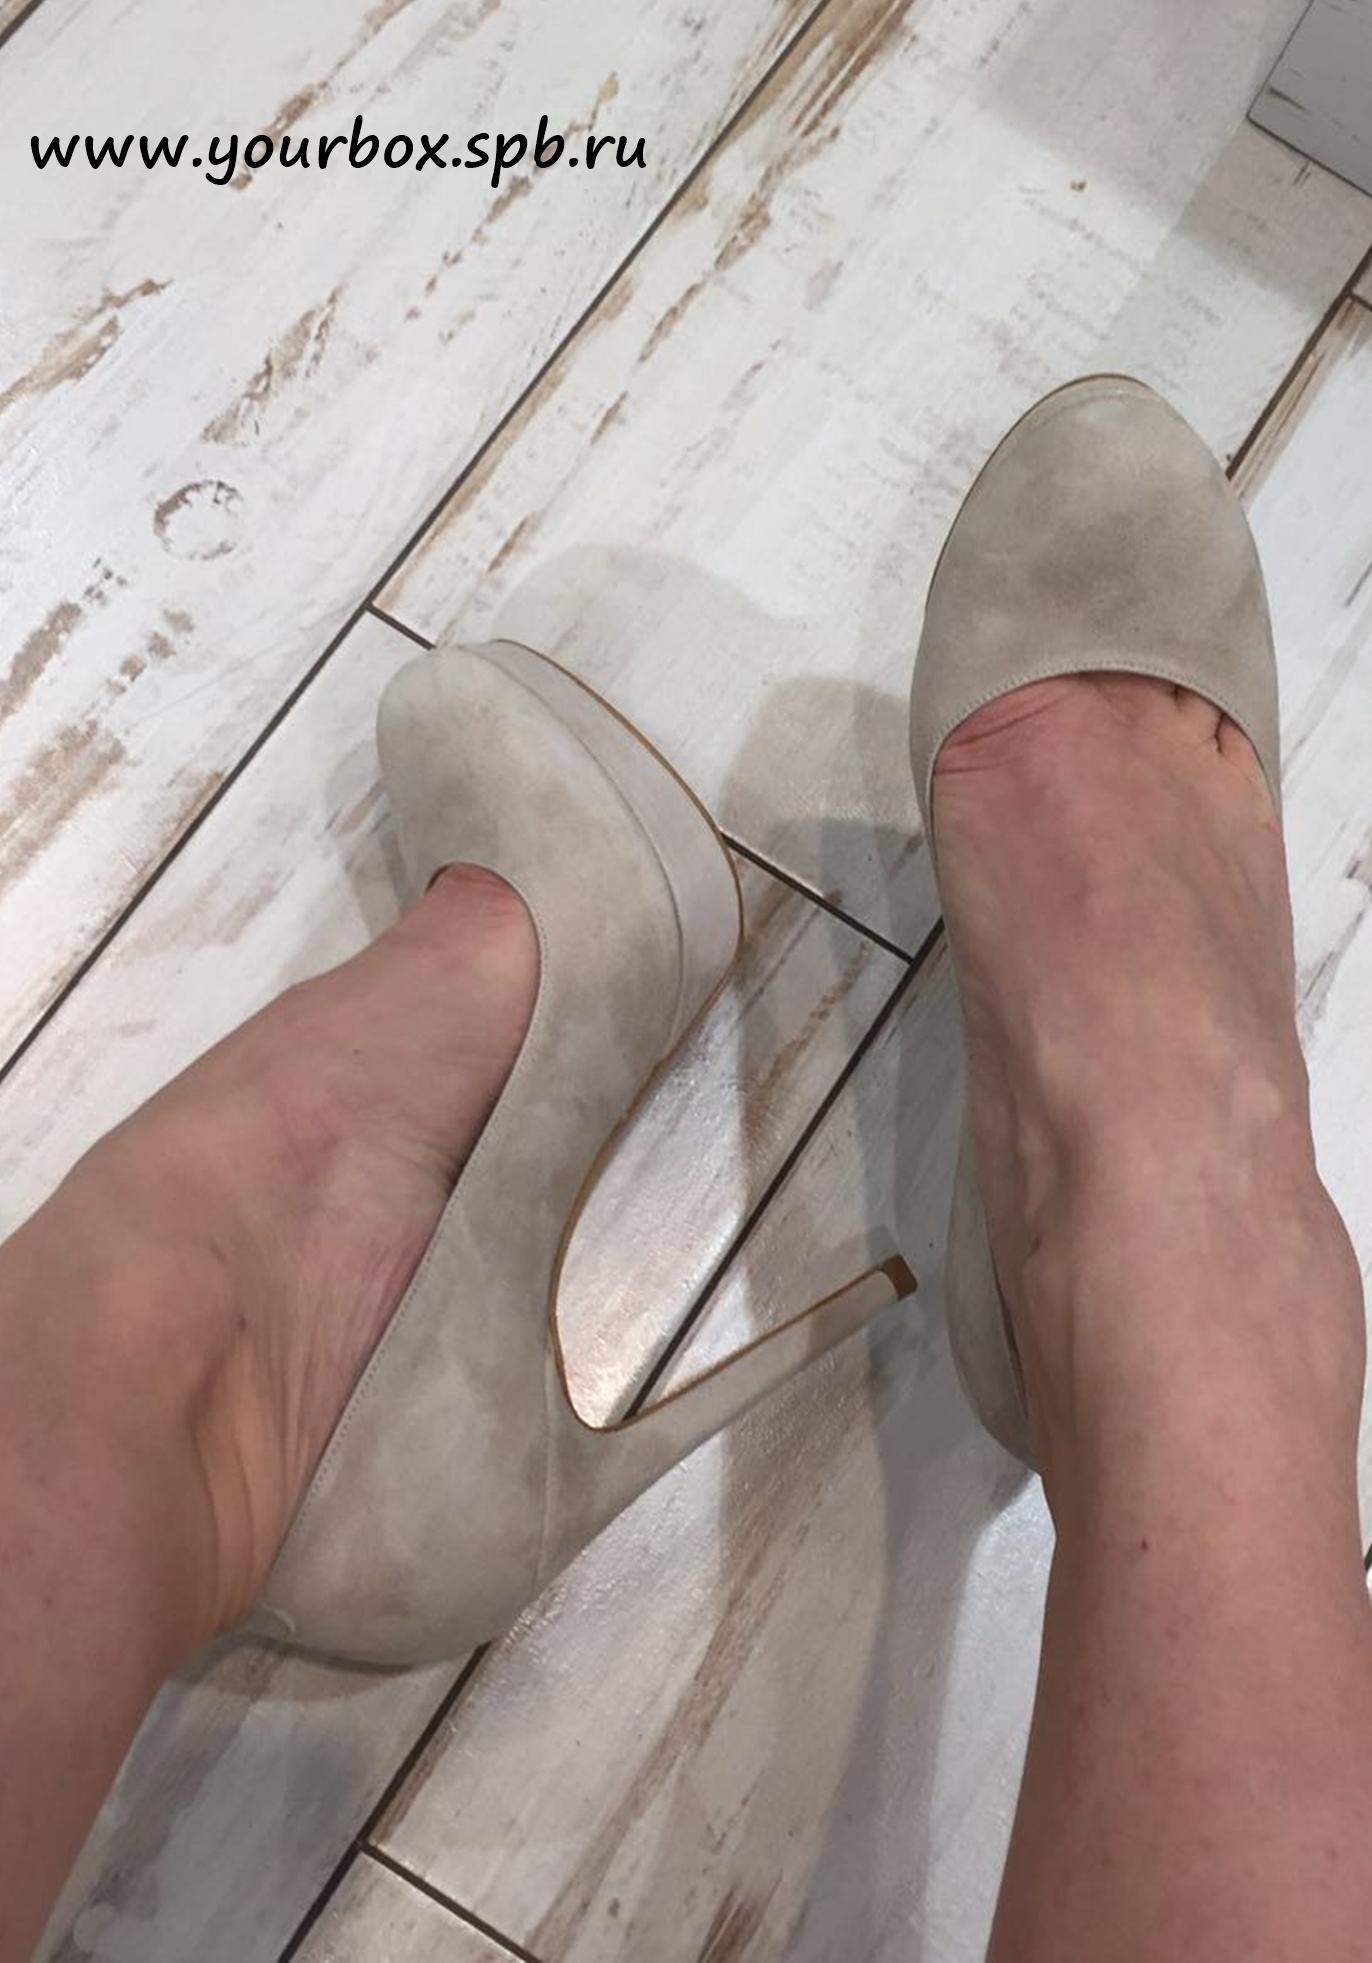 Купить Туфли женские замша закрытые, YourBox